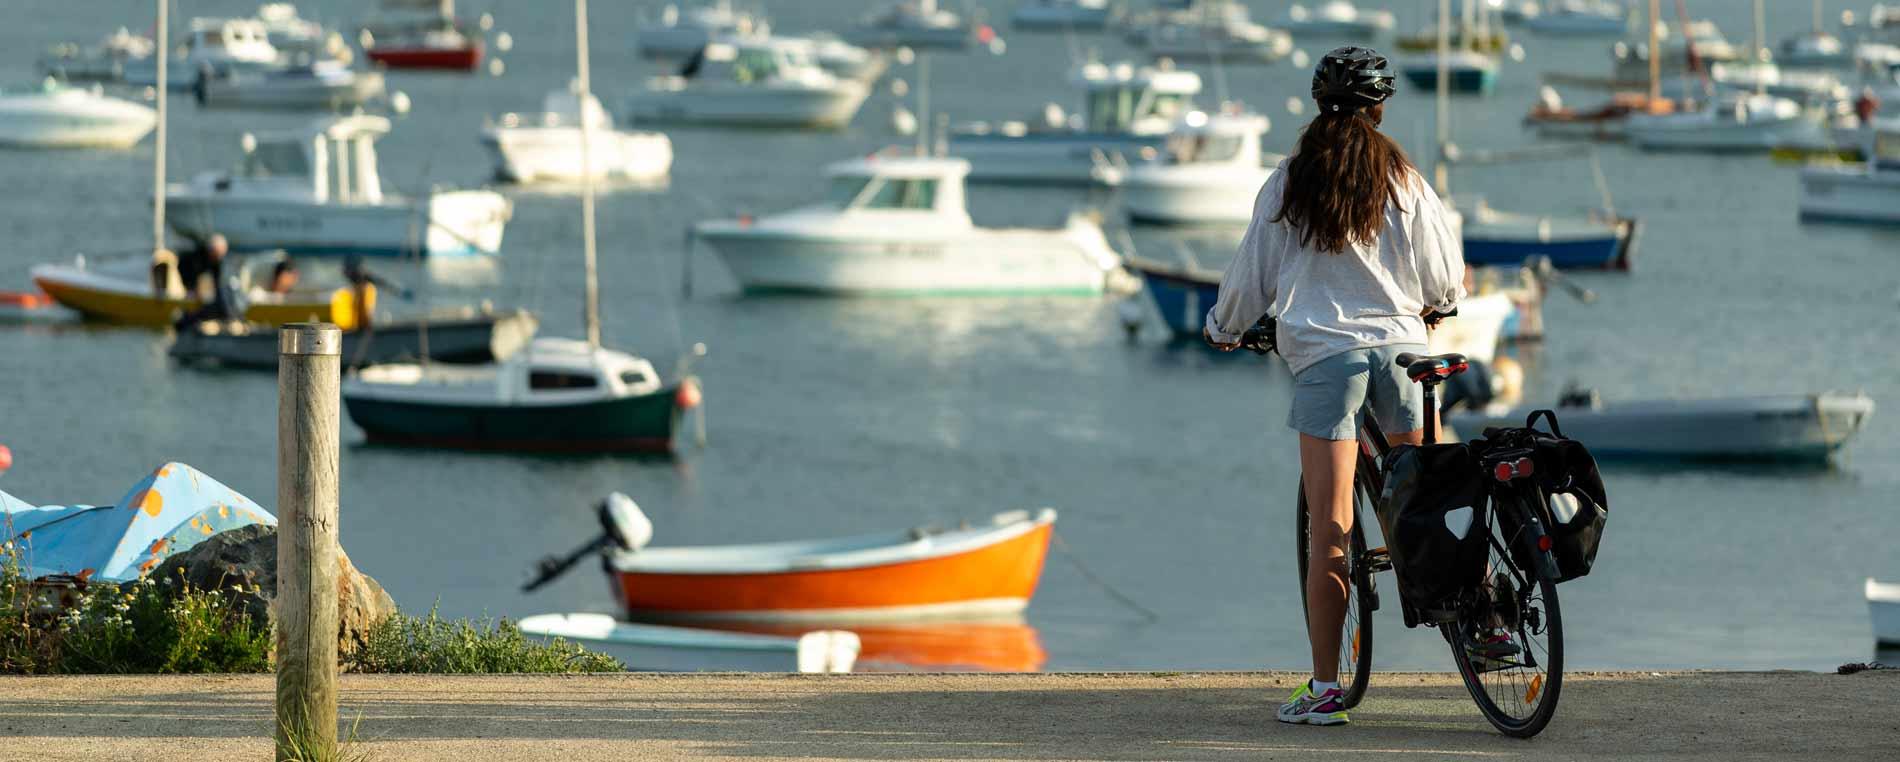 Escapade à vélo : des rives de l'Atlantique aux côtes de la Manche